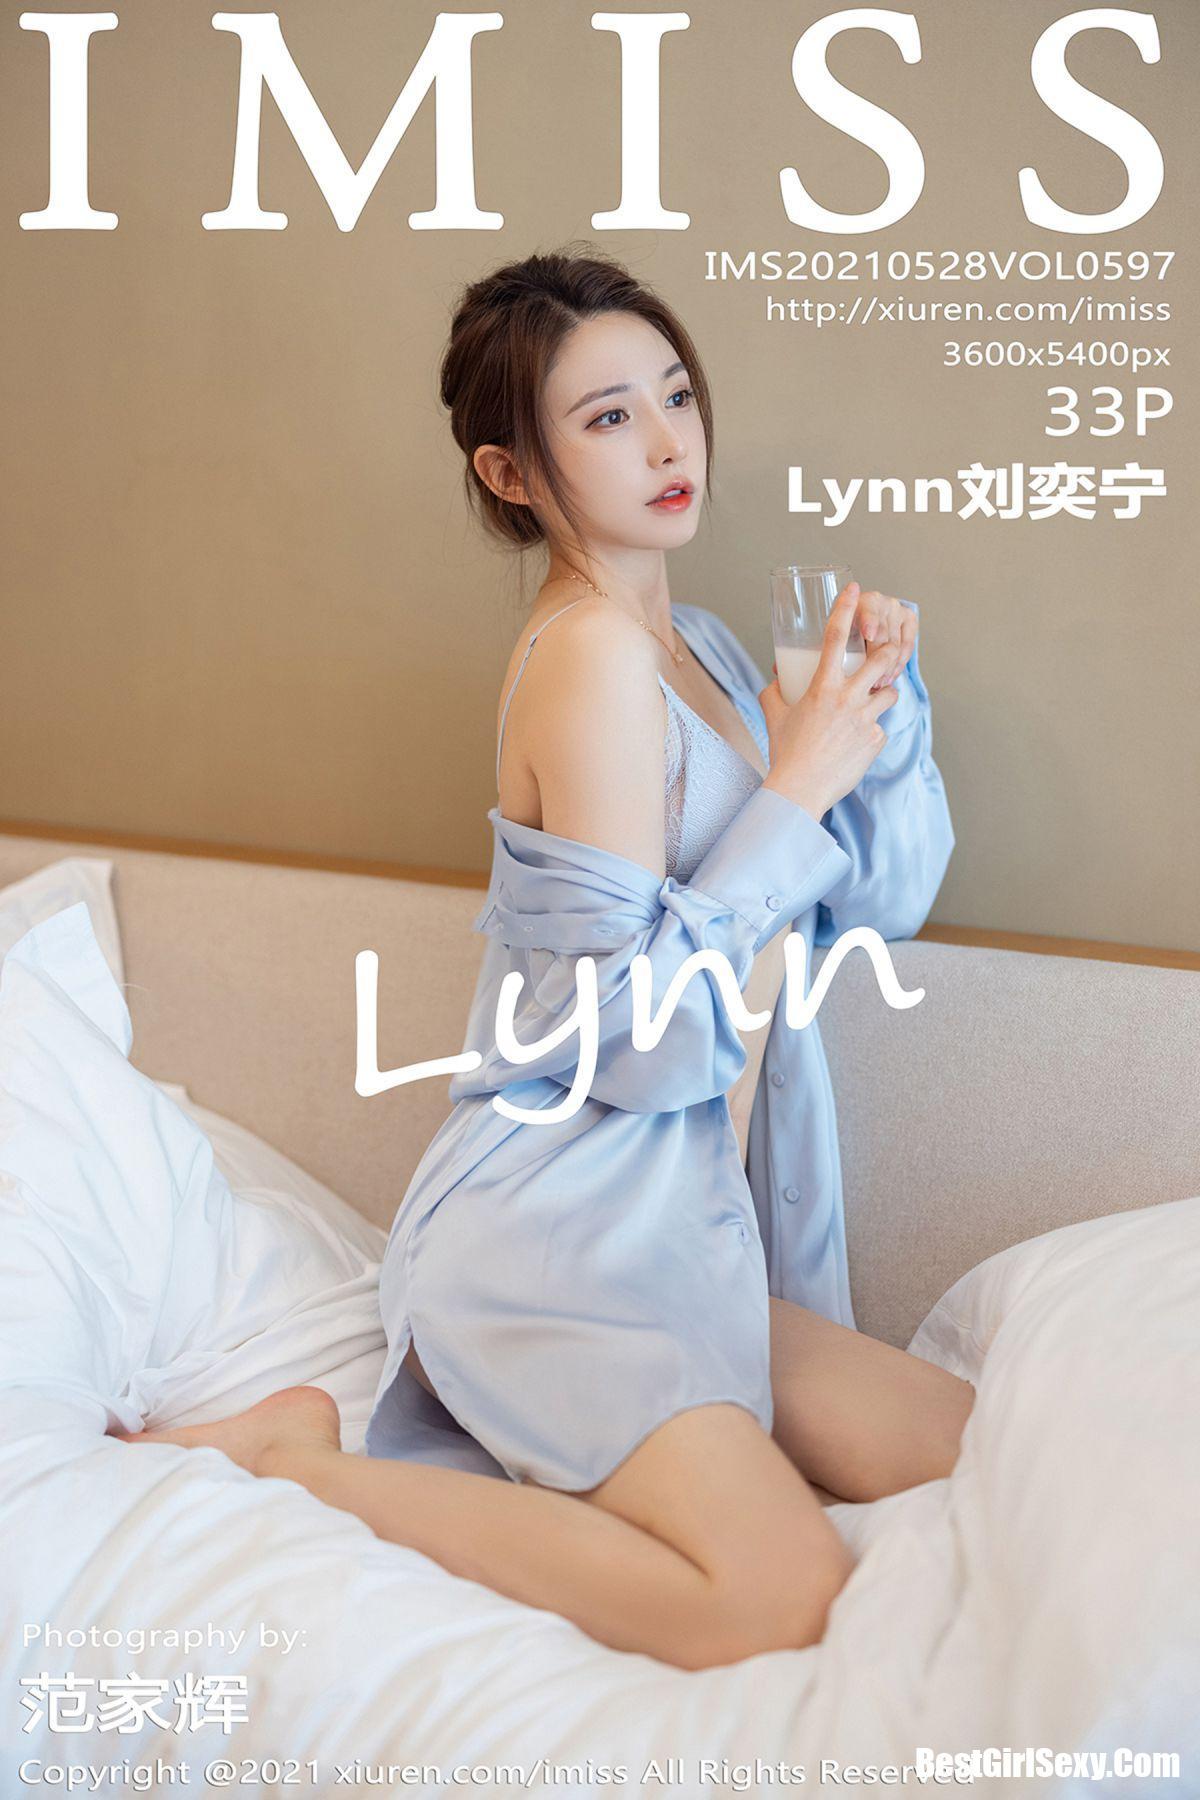 IMiss爱蜜社 Vol.597 Lynn Liu Yi Ning 200